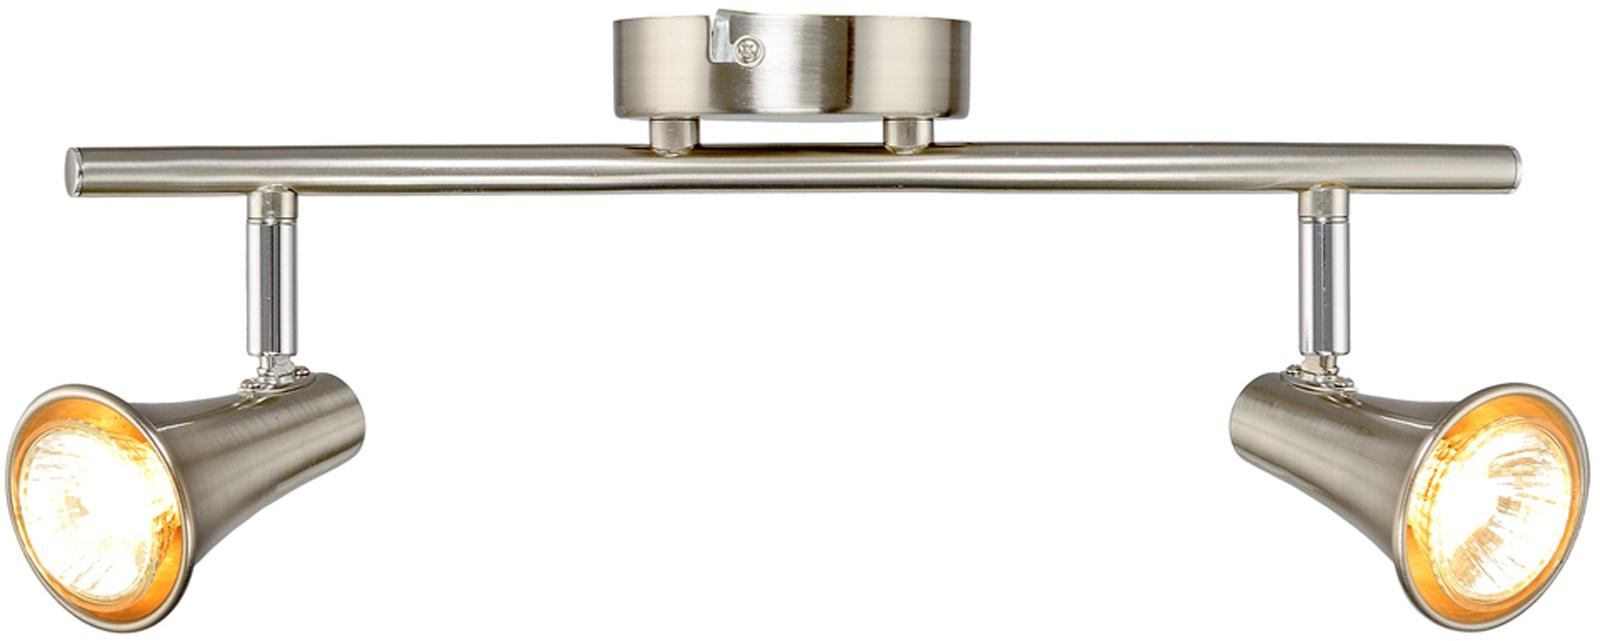 Настенно-потолочный светильник МАКСИСВЕТ 4650, 6-4650-2-ST GU10, 365*90*115 максисвет потолочная люстра максисвет design геометрия 1 1696 4 cr y led